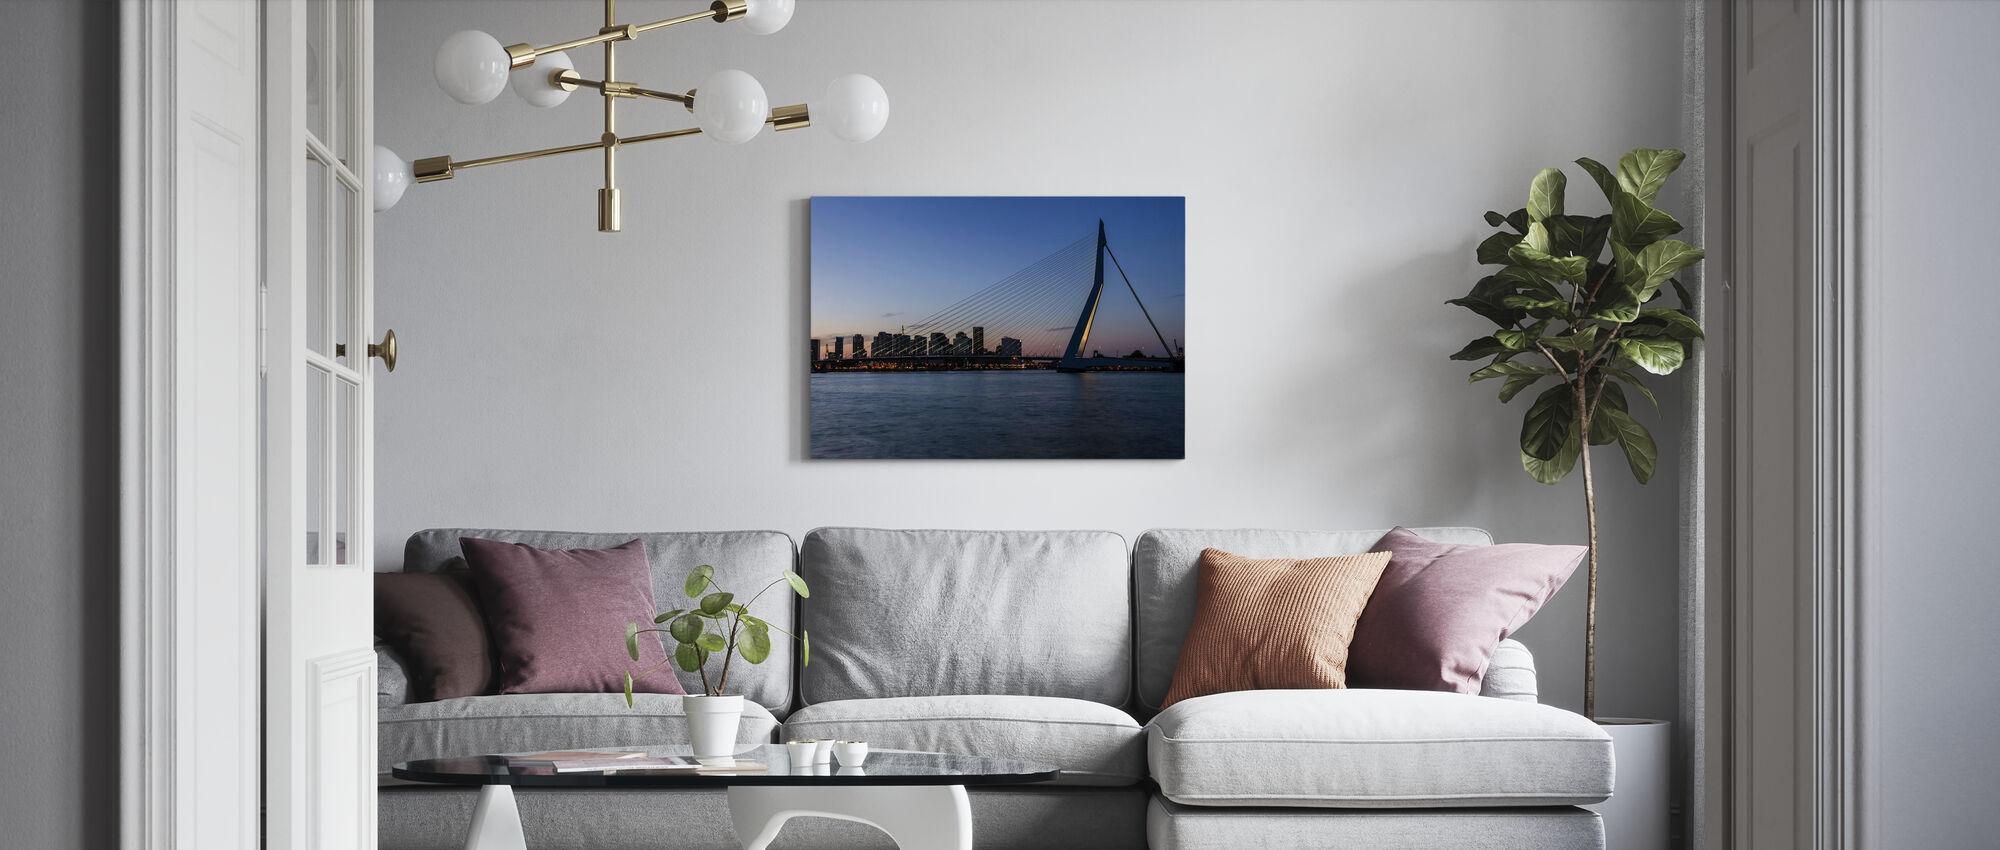 Erasmusbrücke in Rotterdam - Leinwandbild - Wohnzimmer